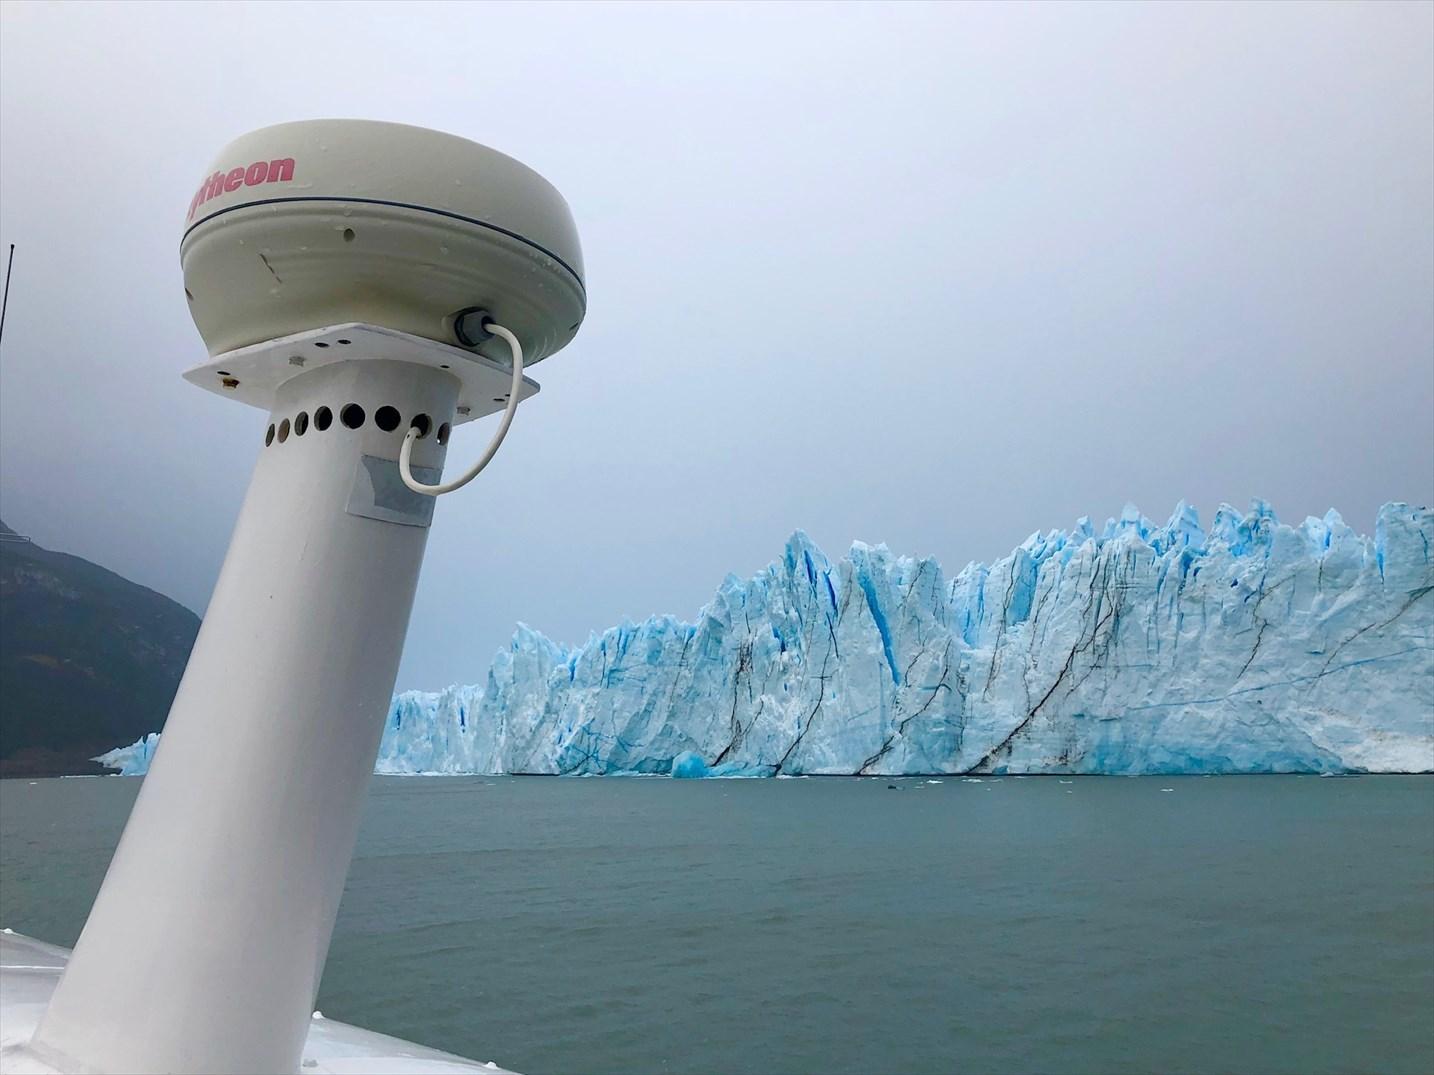 中南米の旅/36 ペリト・モレノ氷河@パタゴニア_a0092659_18123303.jpg